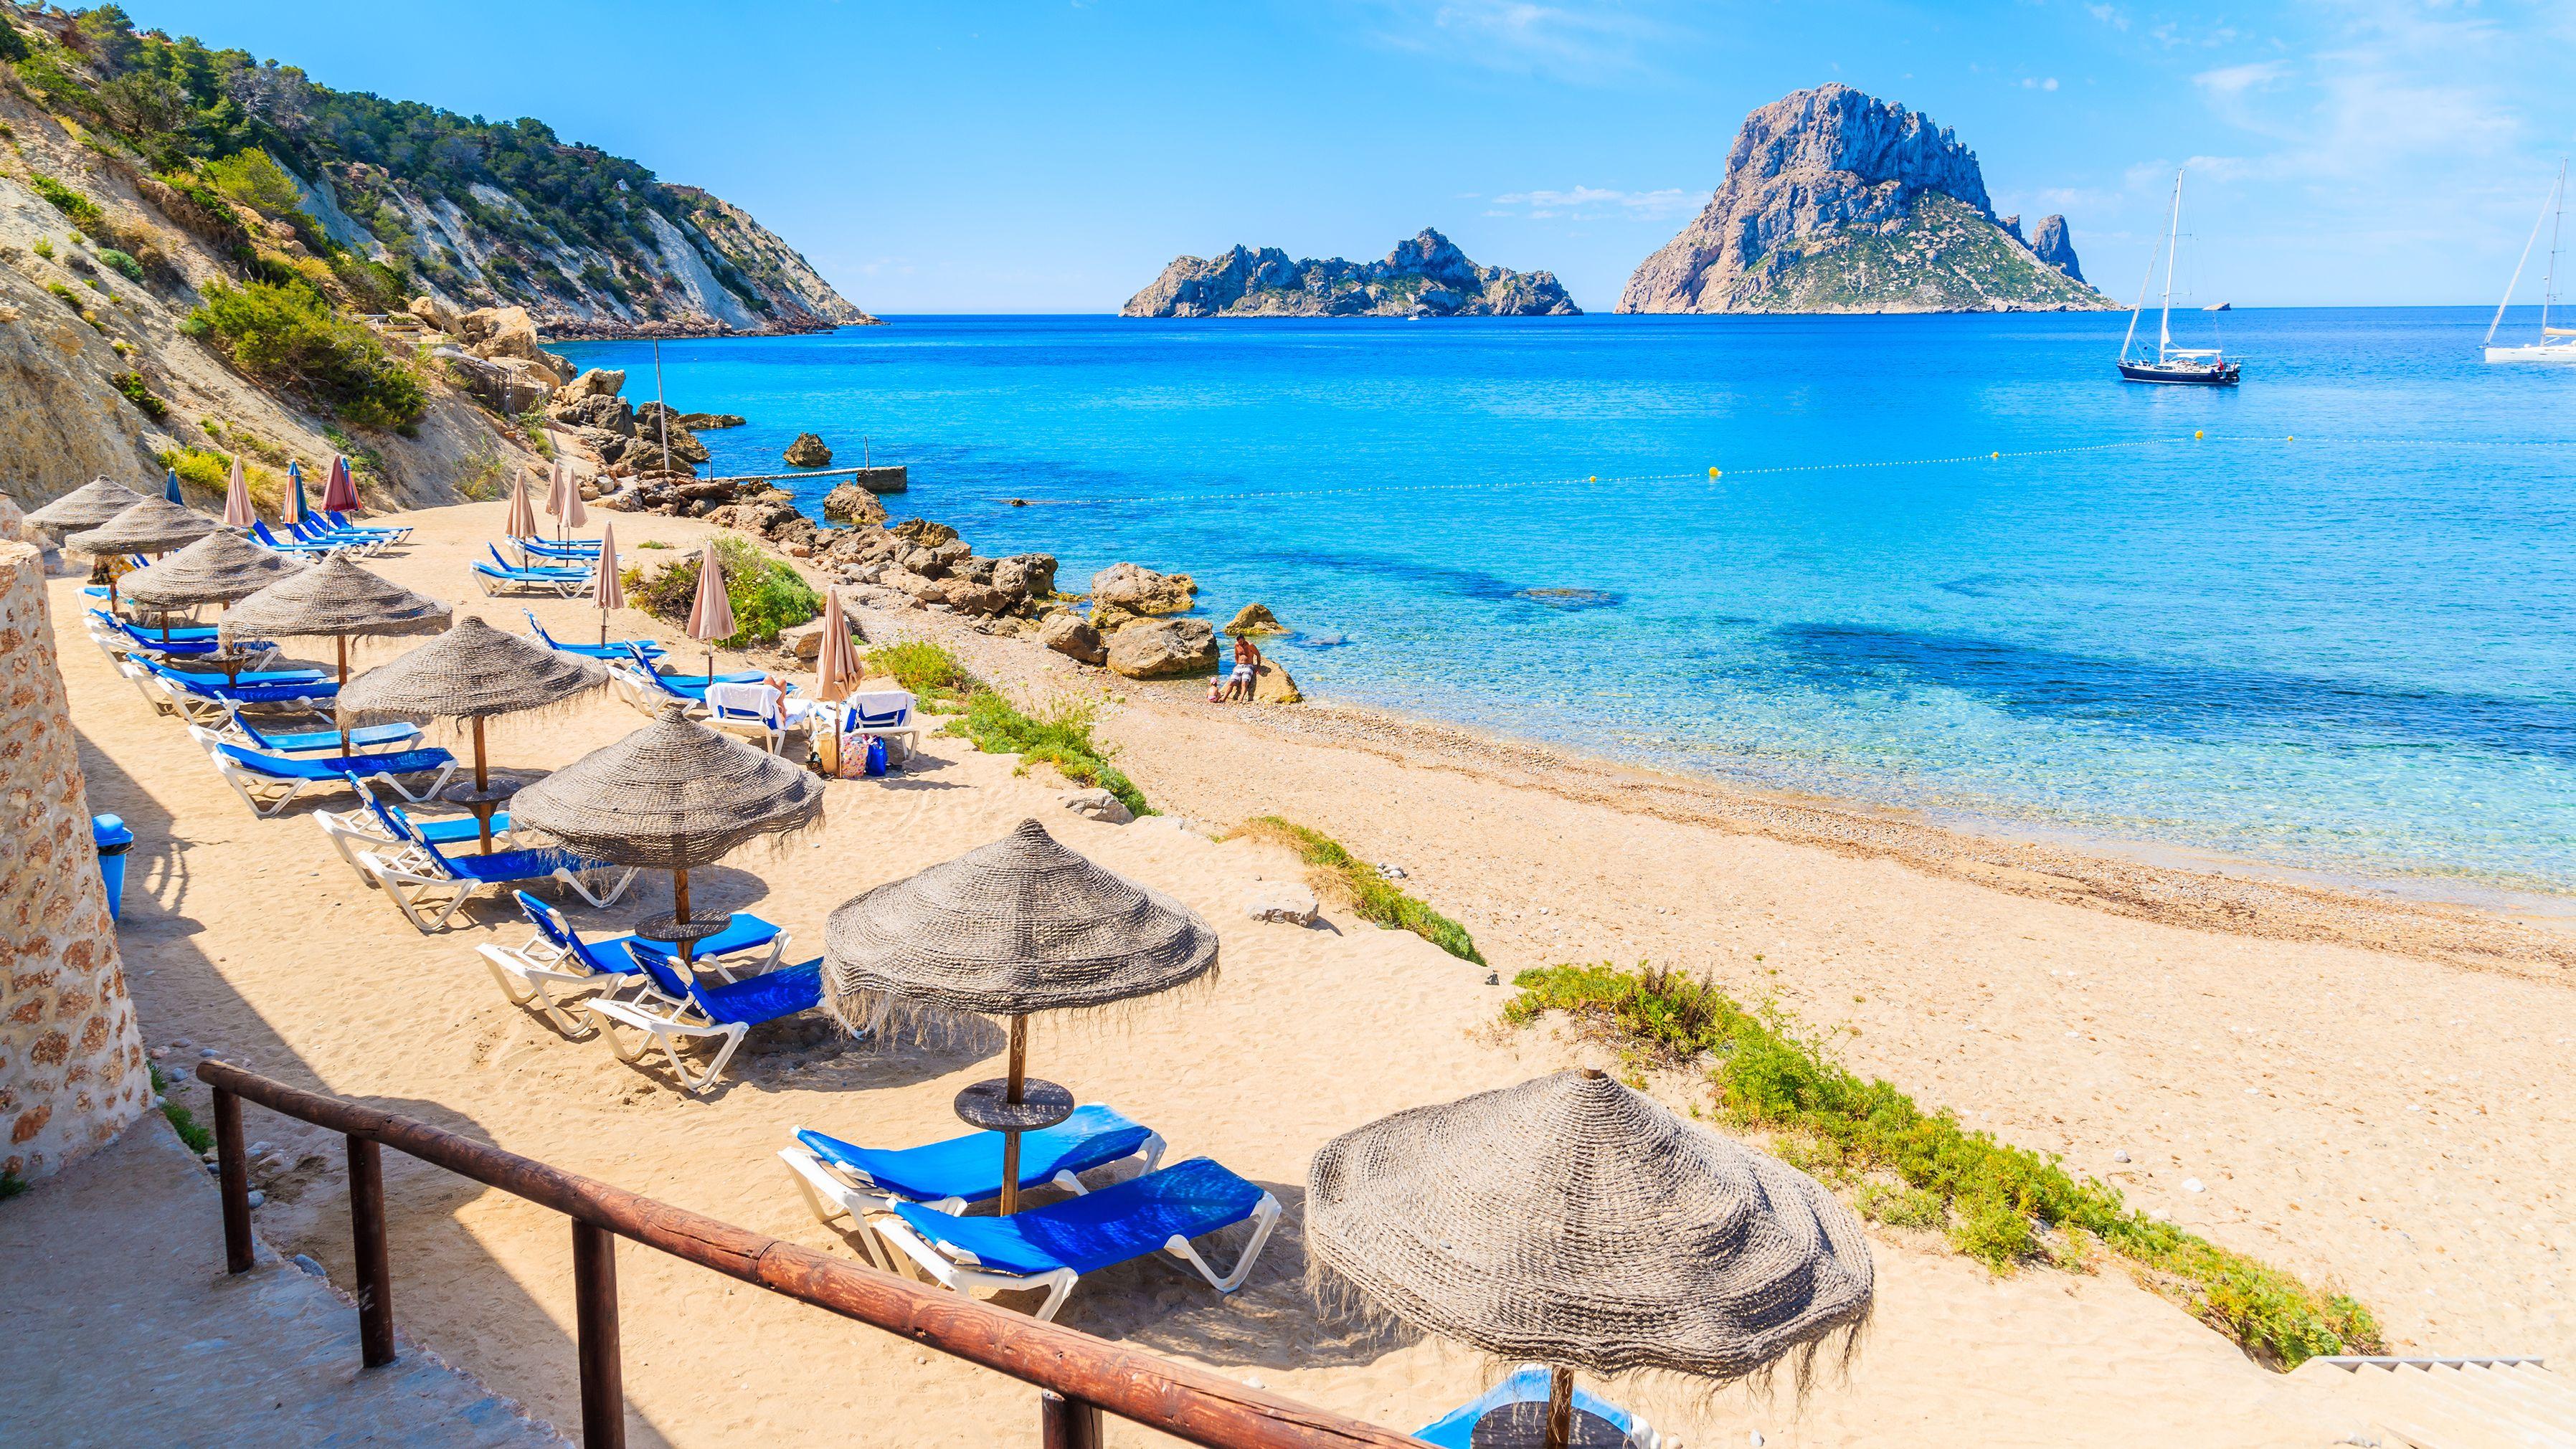 Liegestühle und Sonnenschirmen an einem Sandstrand mit klarem Wasser